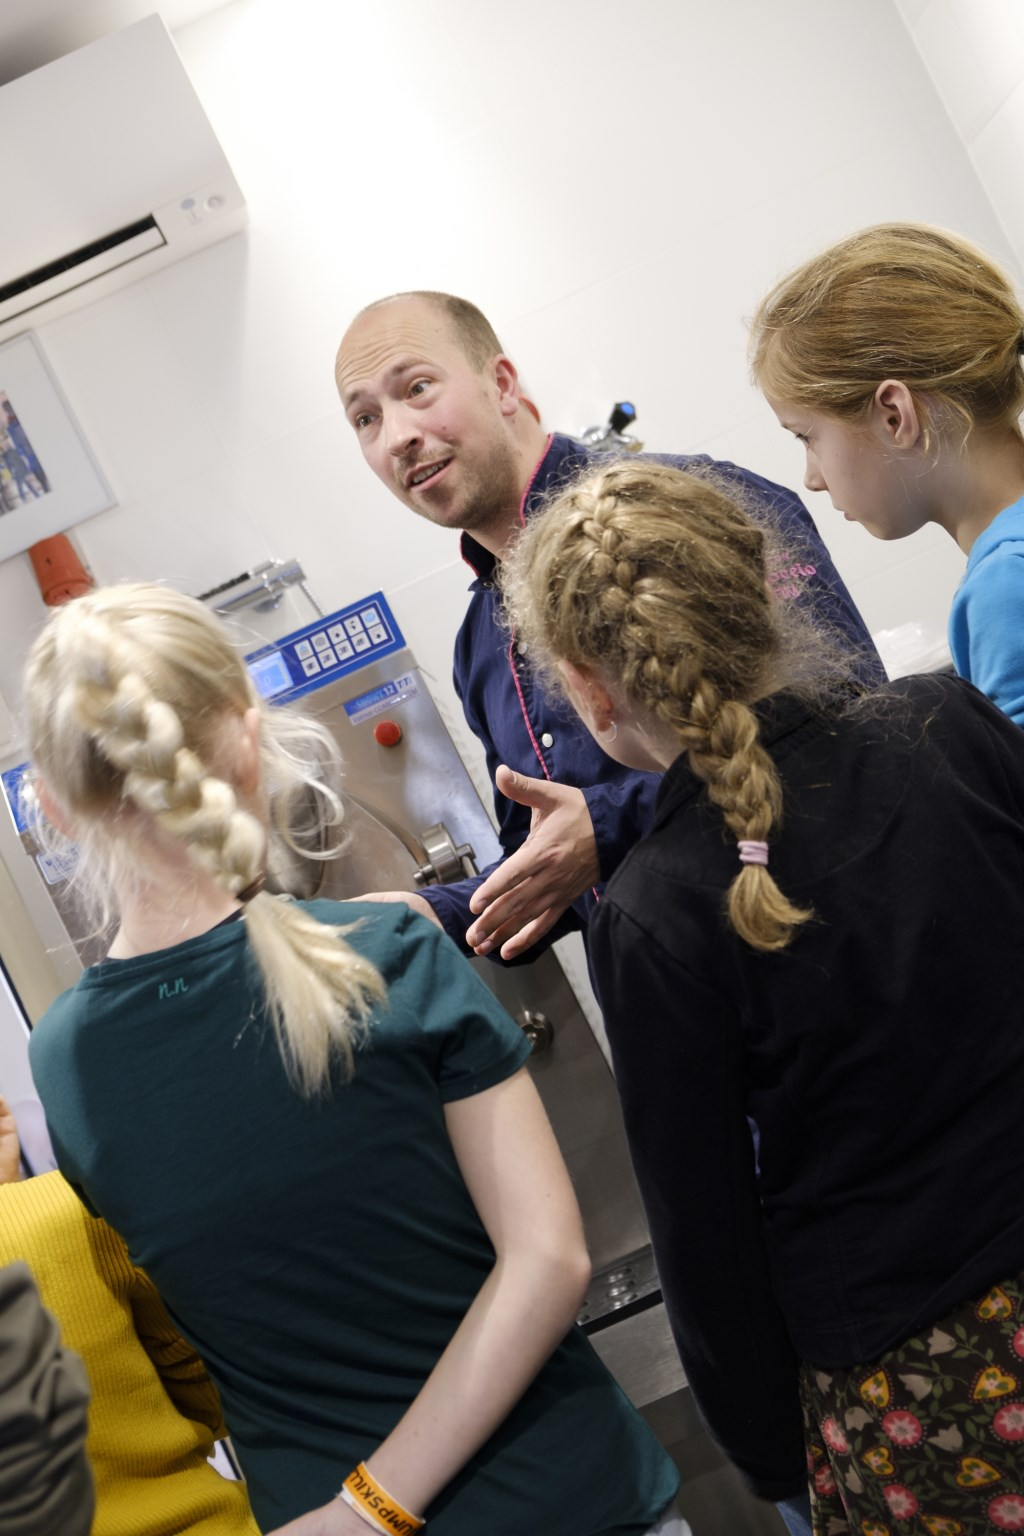 Er wordt aandachtig geluisterd naar ijsmaker Tim. Foto: IwanBronkhorst.nl © Uitkijkpost Media B.v.